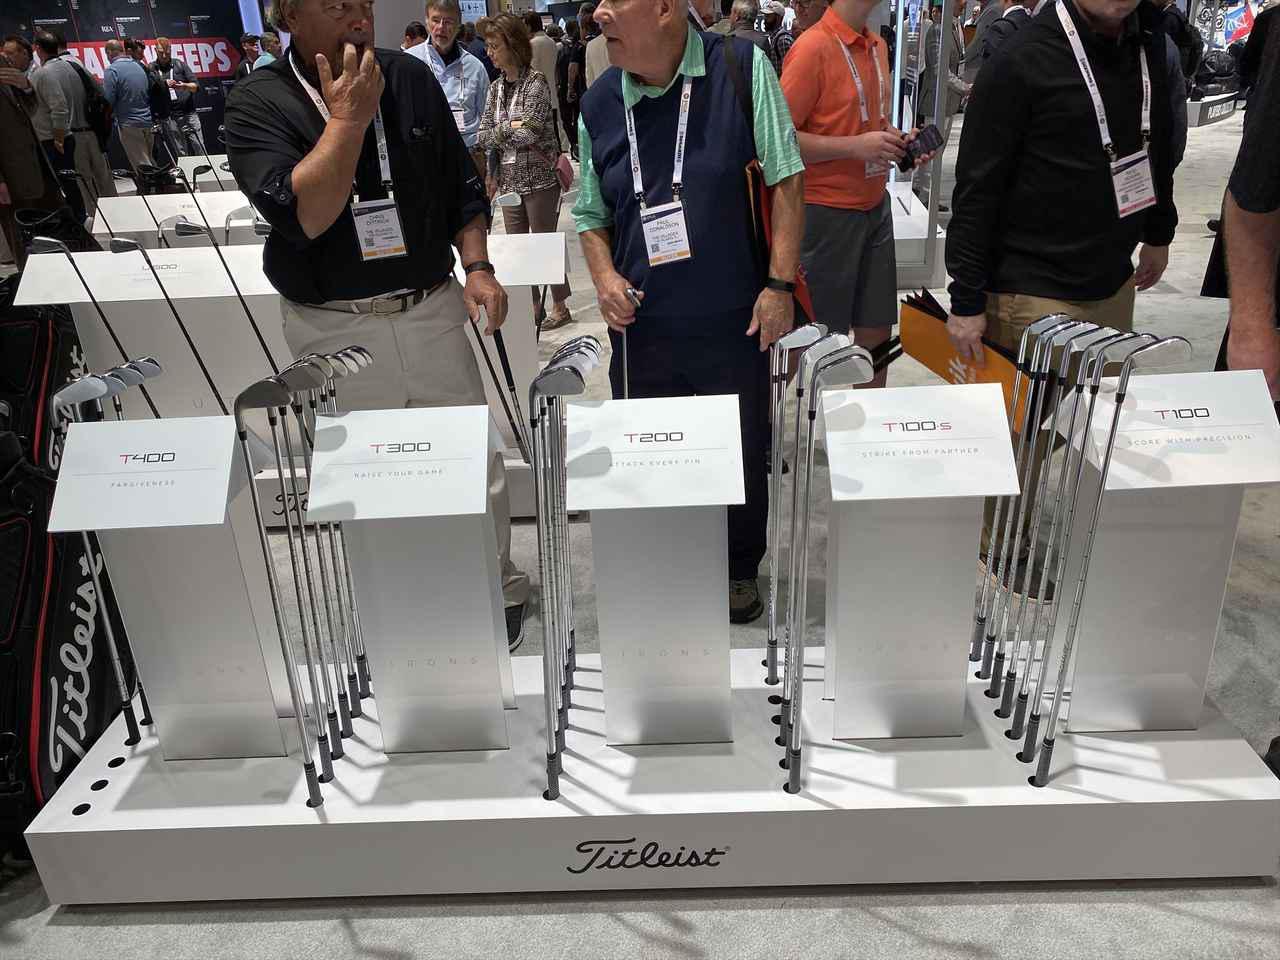 画像: 新しく追加されたT100S、T400を含めた5タイプのTシリーズが並べて陳列されていたのですが、多くの人がT400を手に取っていました。「見ろよこんなにソールが厚いぜ!」「ロフト立ってるな~すげー飛びそう」的なやり取りかな?